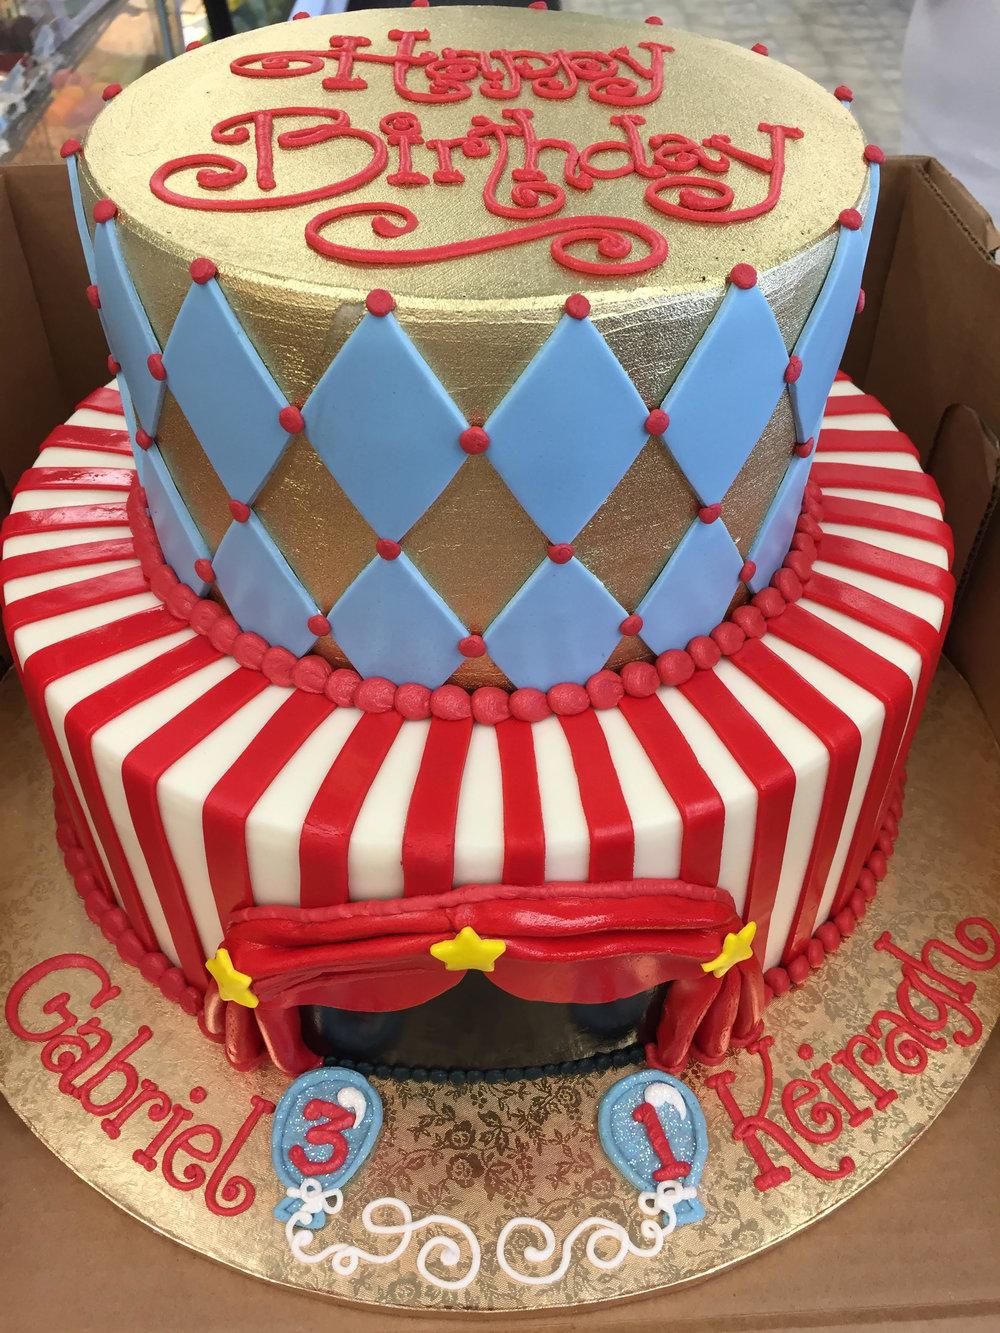 Double Circus Fun Birthday Cake